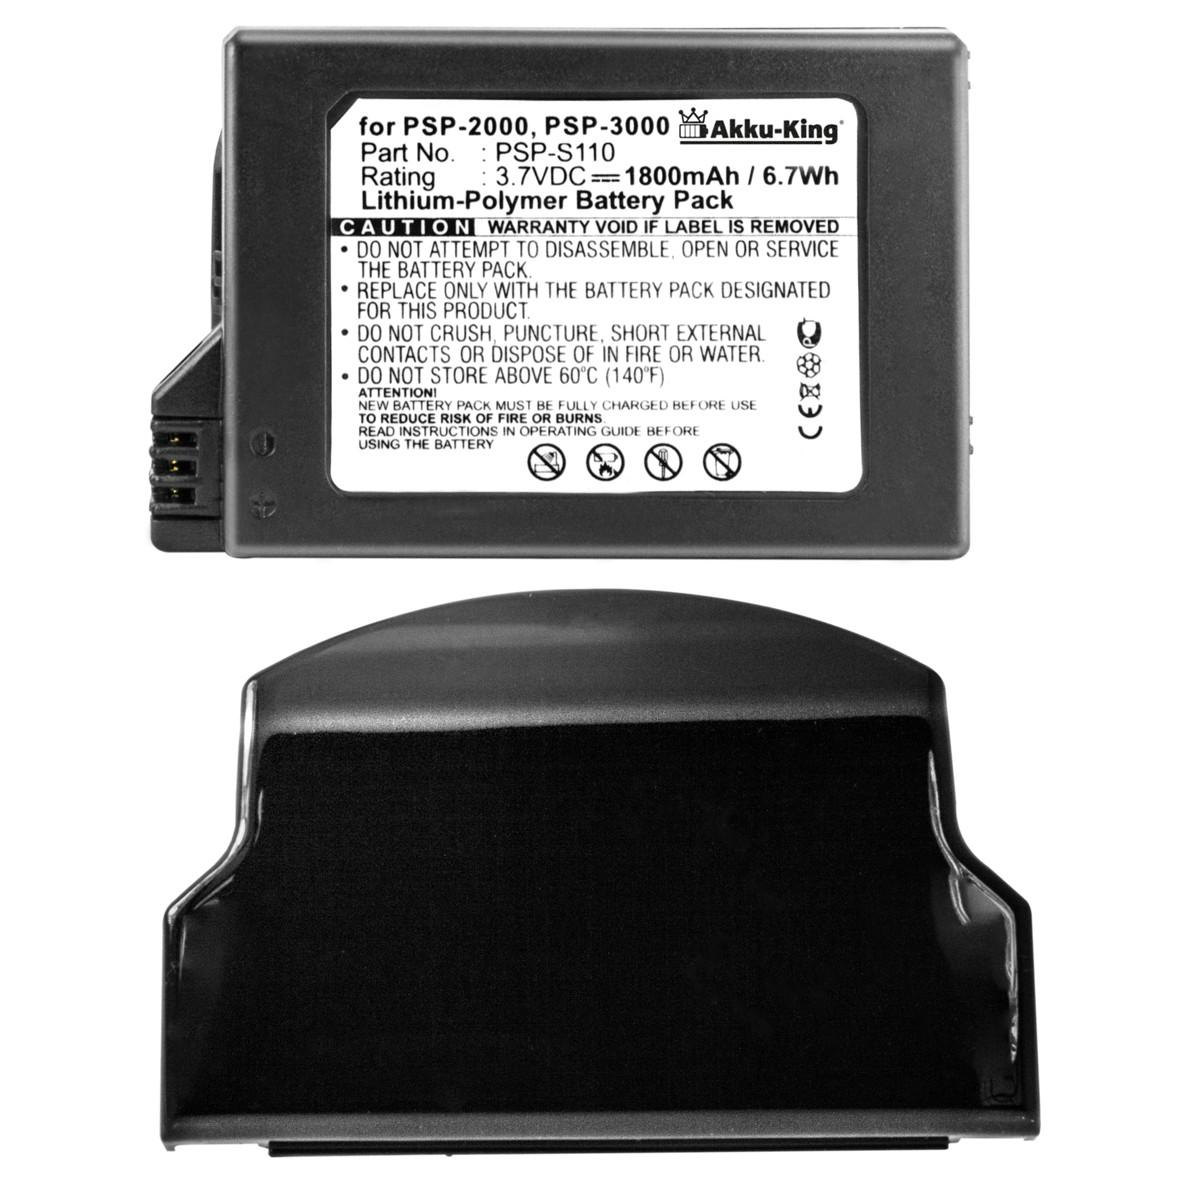 Akku King Akku F 252 R Sony Playstation Portable Lite Slim